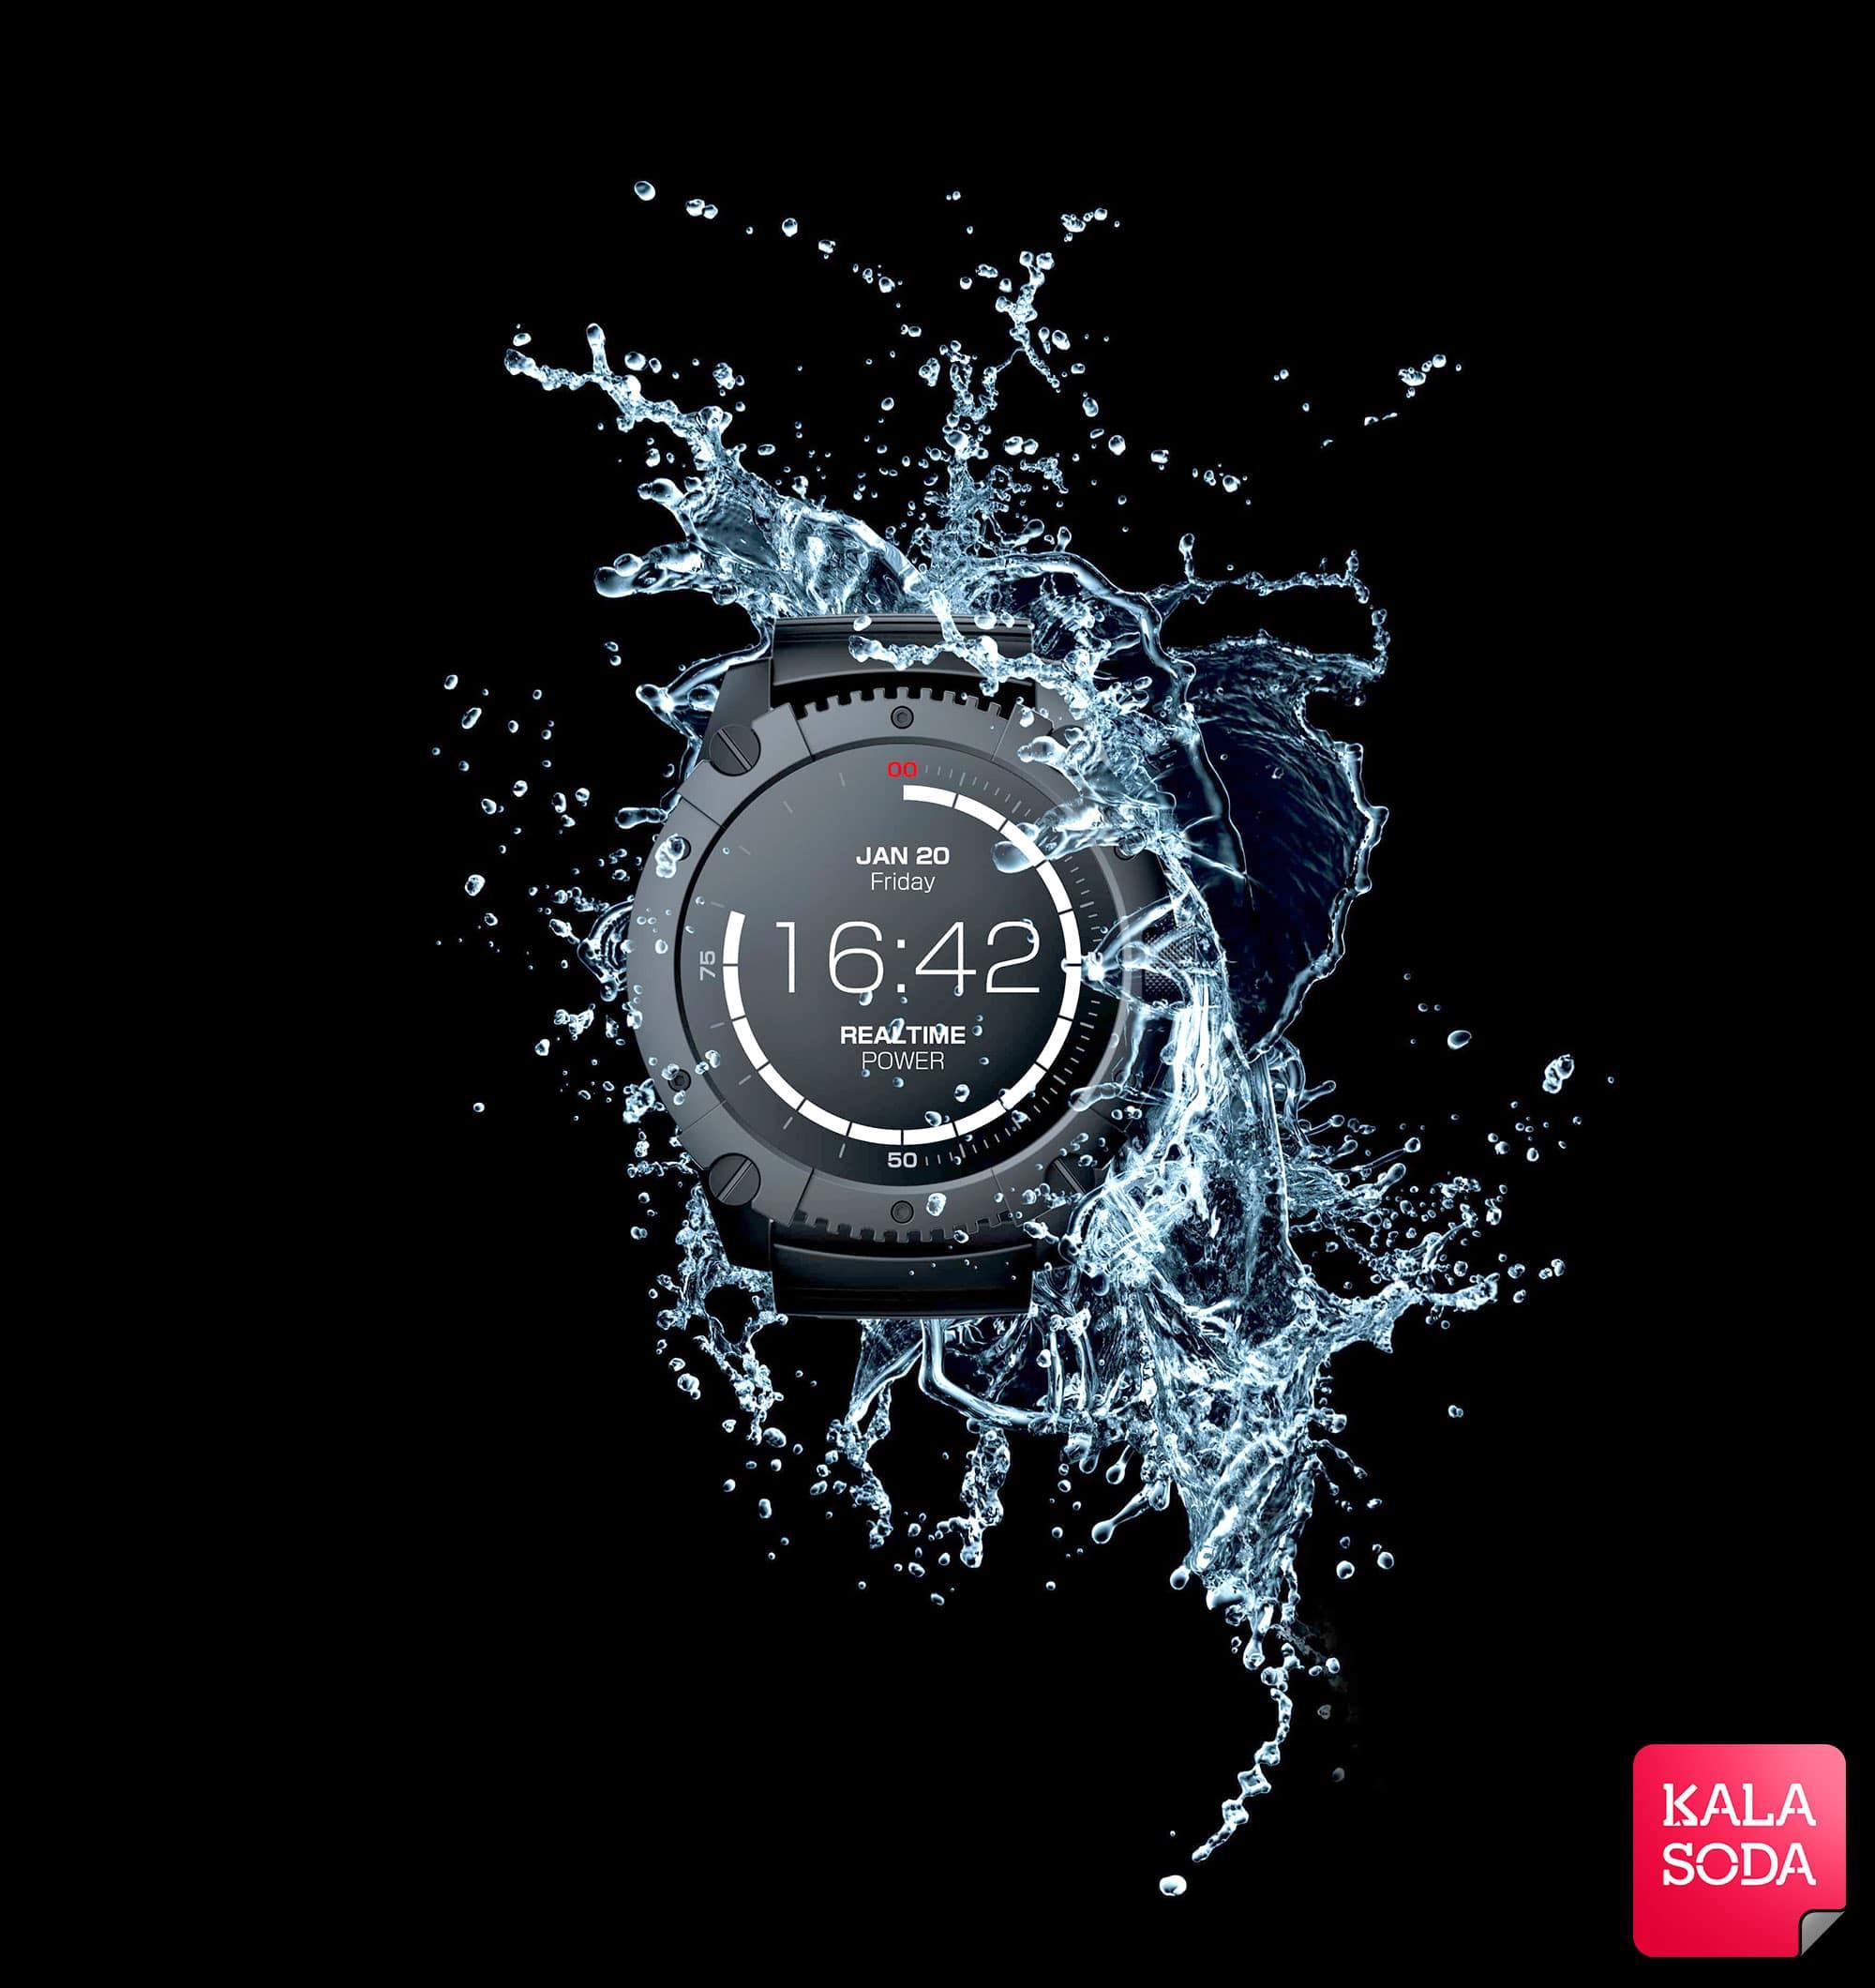 ساعت-powerwatch-x--بر-مدار-حرارت-بدن-کاربر-می-گردد|کالاسودا